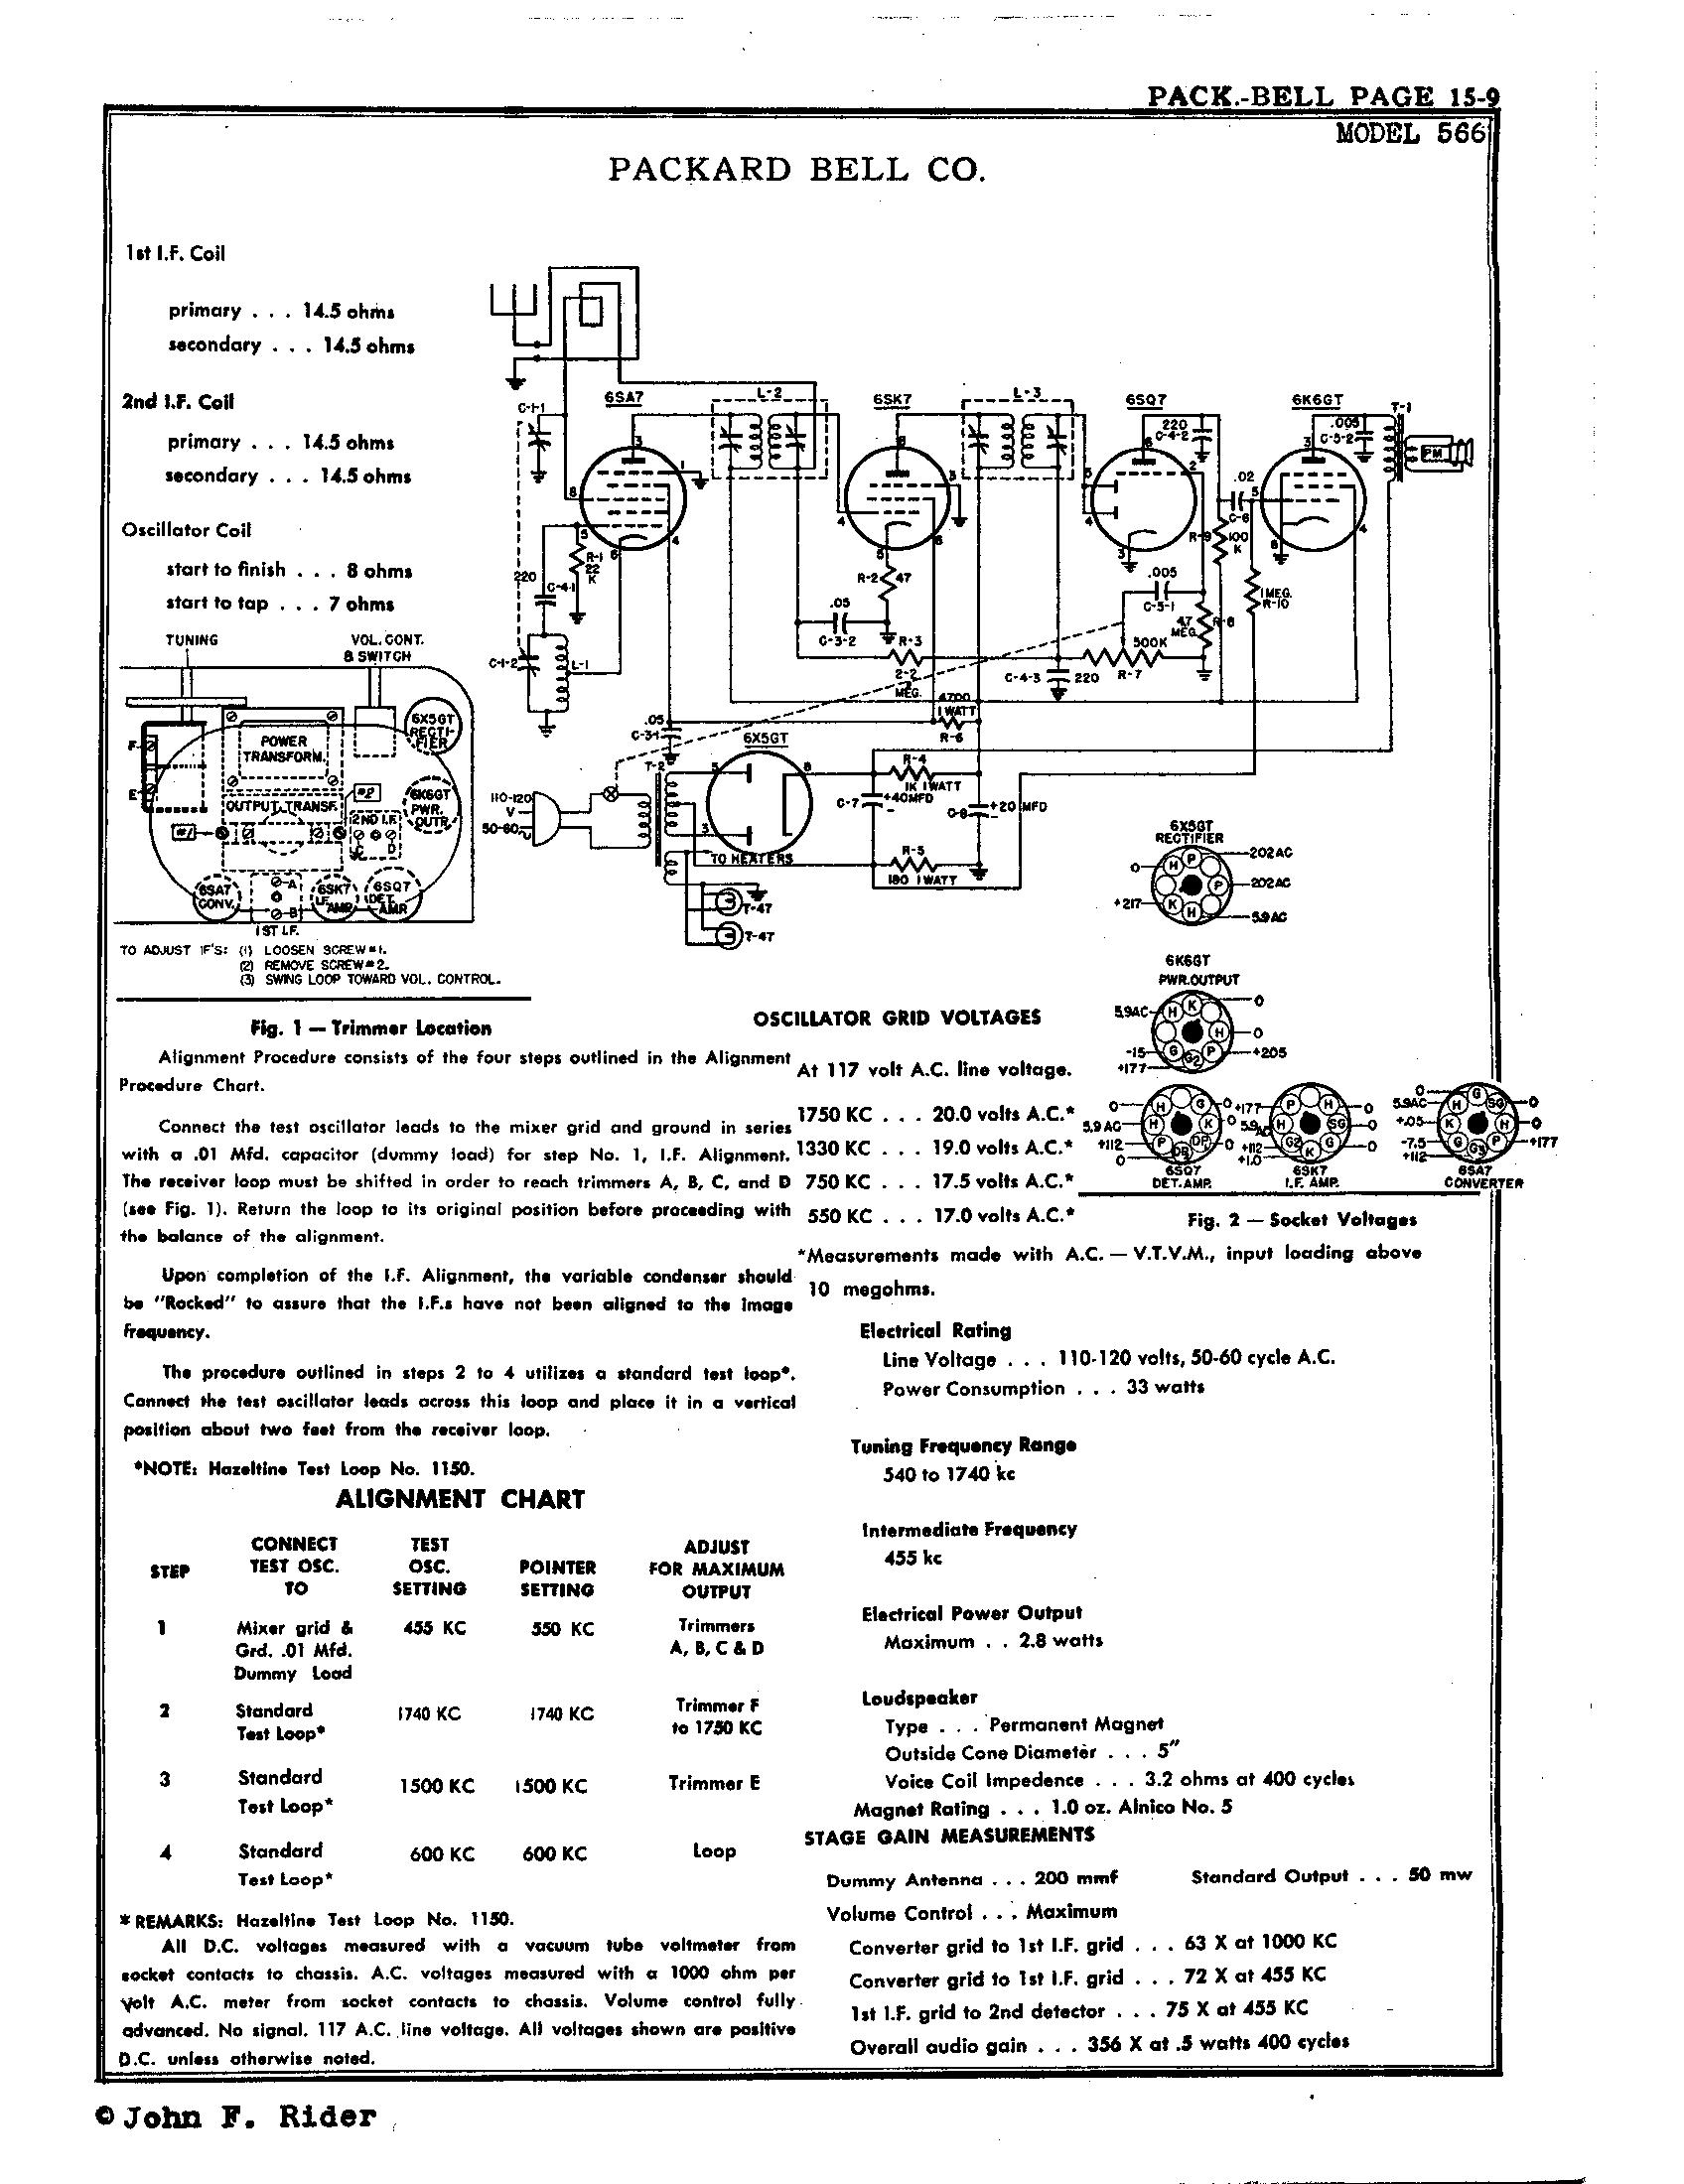 Packard Bell Co 566